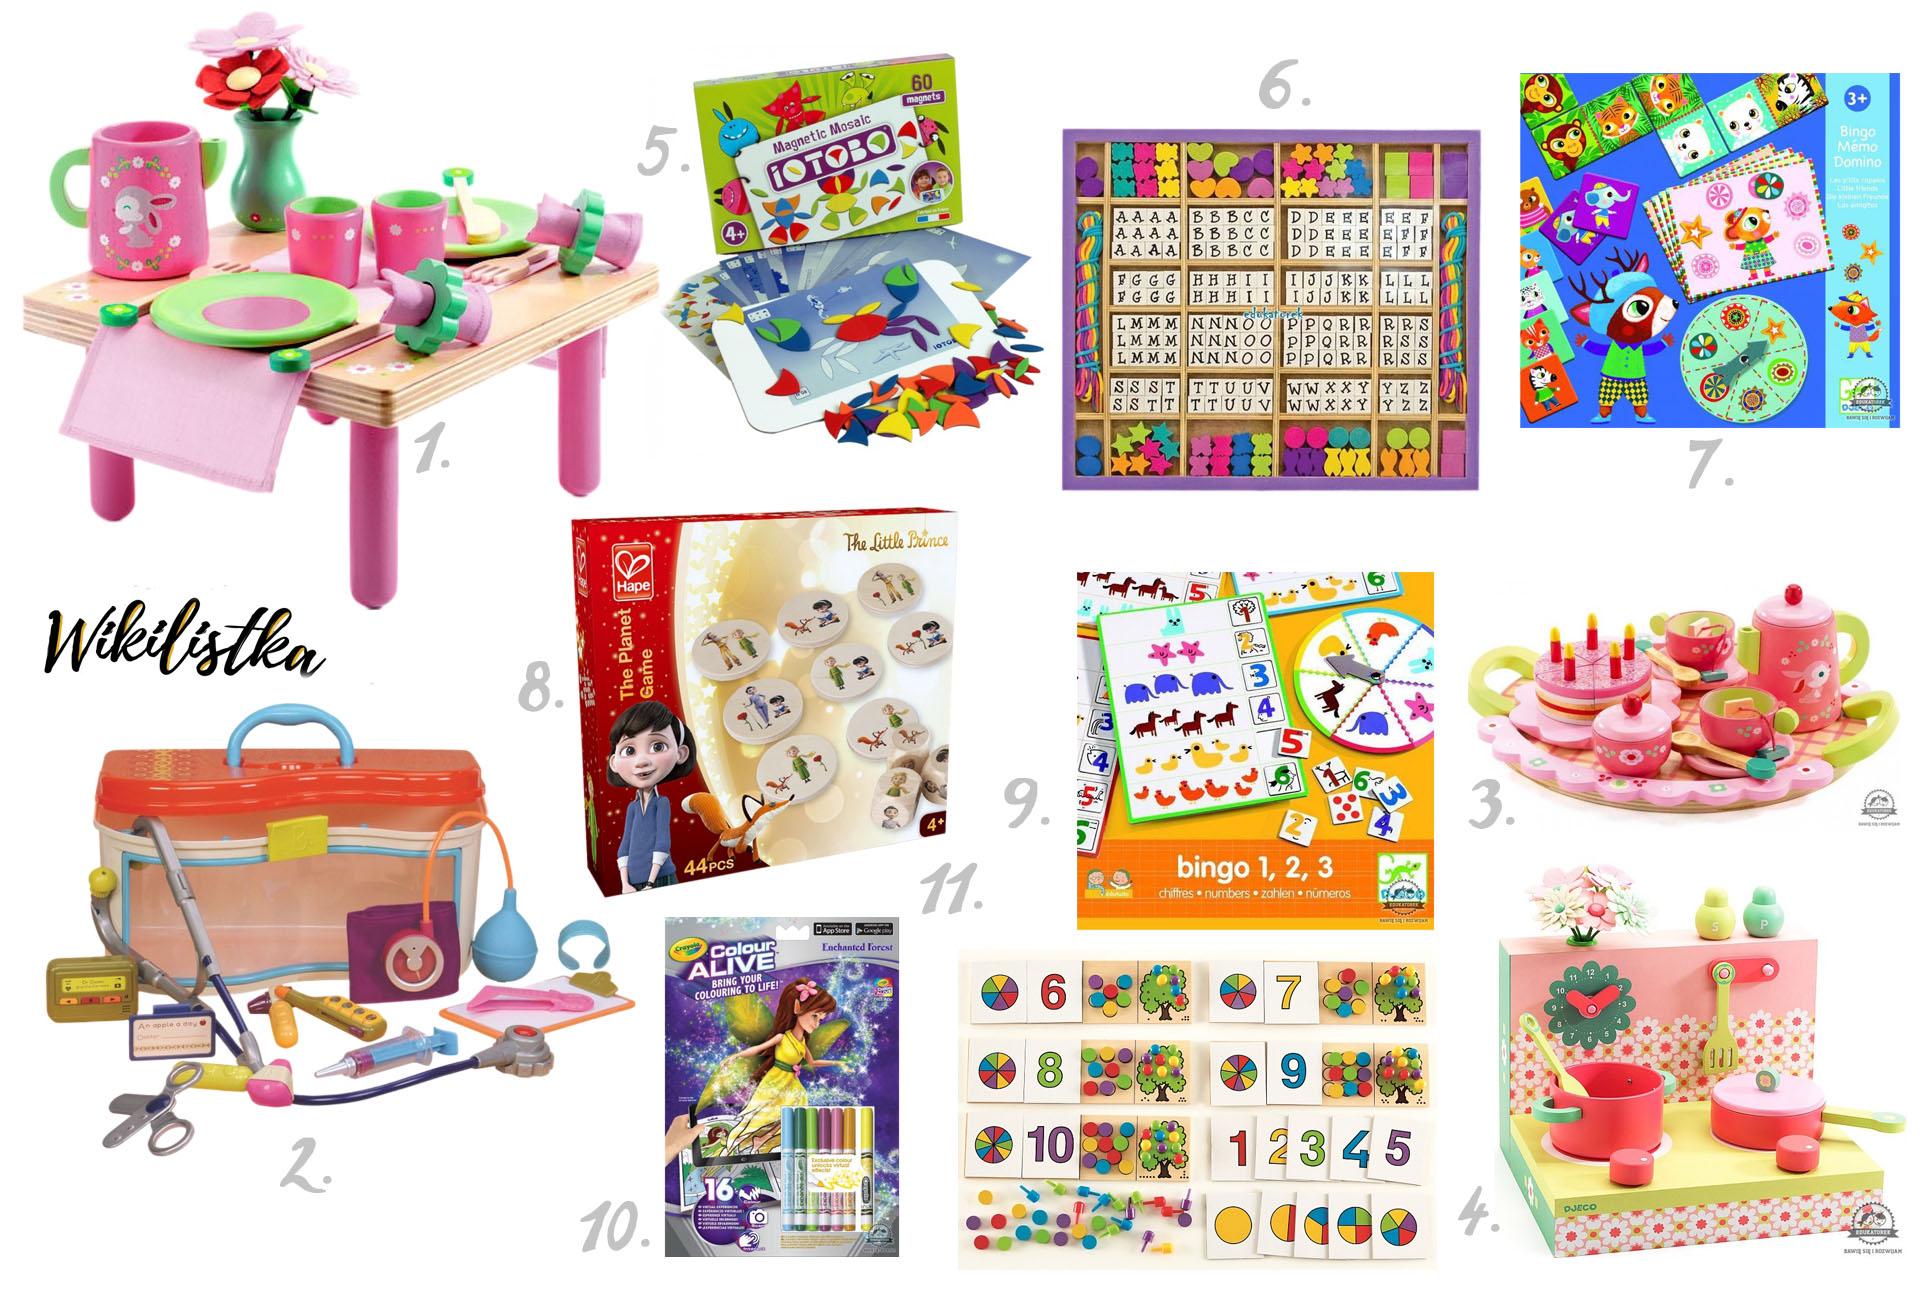 zabawki-prezent-na-dzień-dziecka-wikilistka